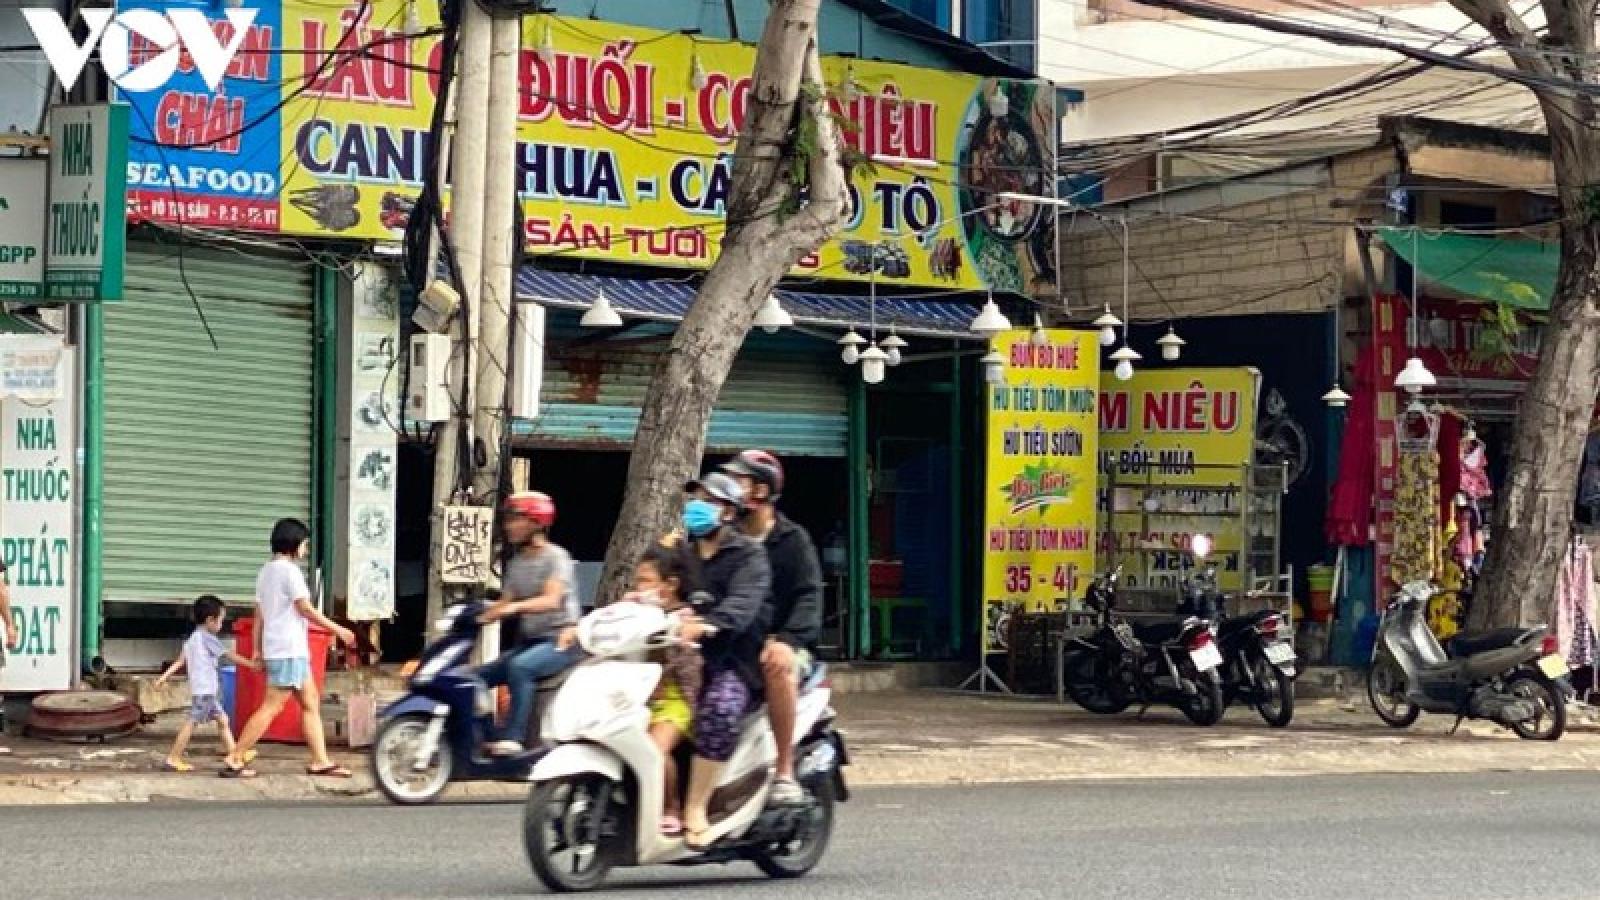 """""""Chặt chém"""" khách, một quán hải sản ở Bà Rịa Vũng Tàu bị đóng cửa"""